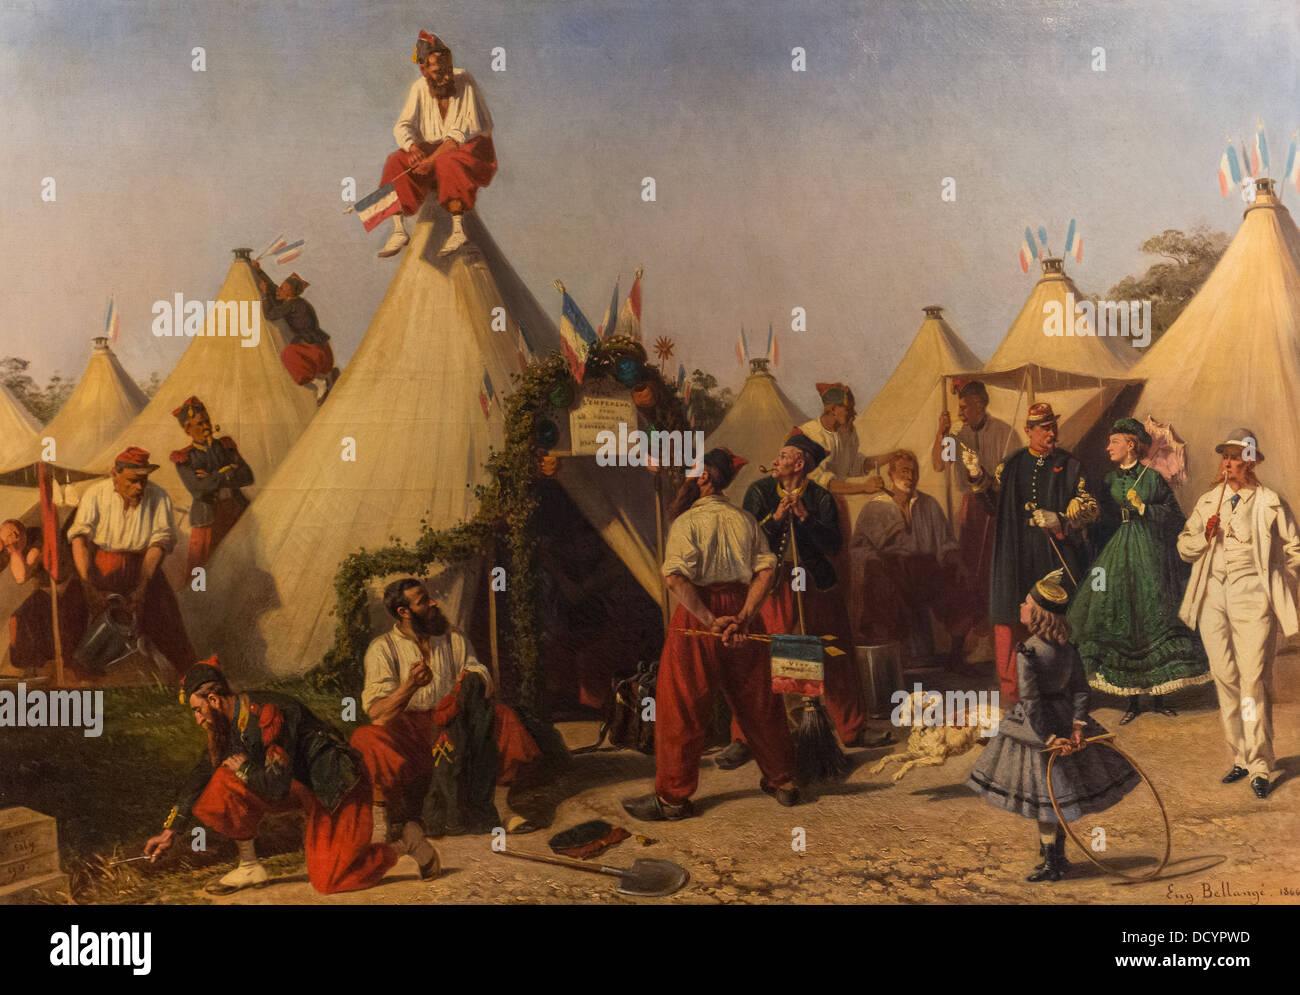 Fire Infantry August 15, 1866 - Eugene Bellangé - musée de l'armée - Paris  Philippe Sauvan-Magnet - Stock Image